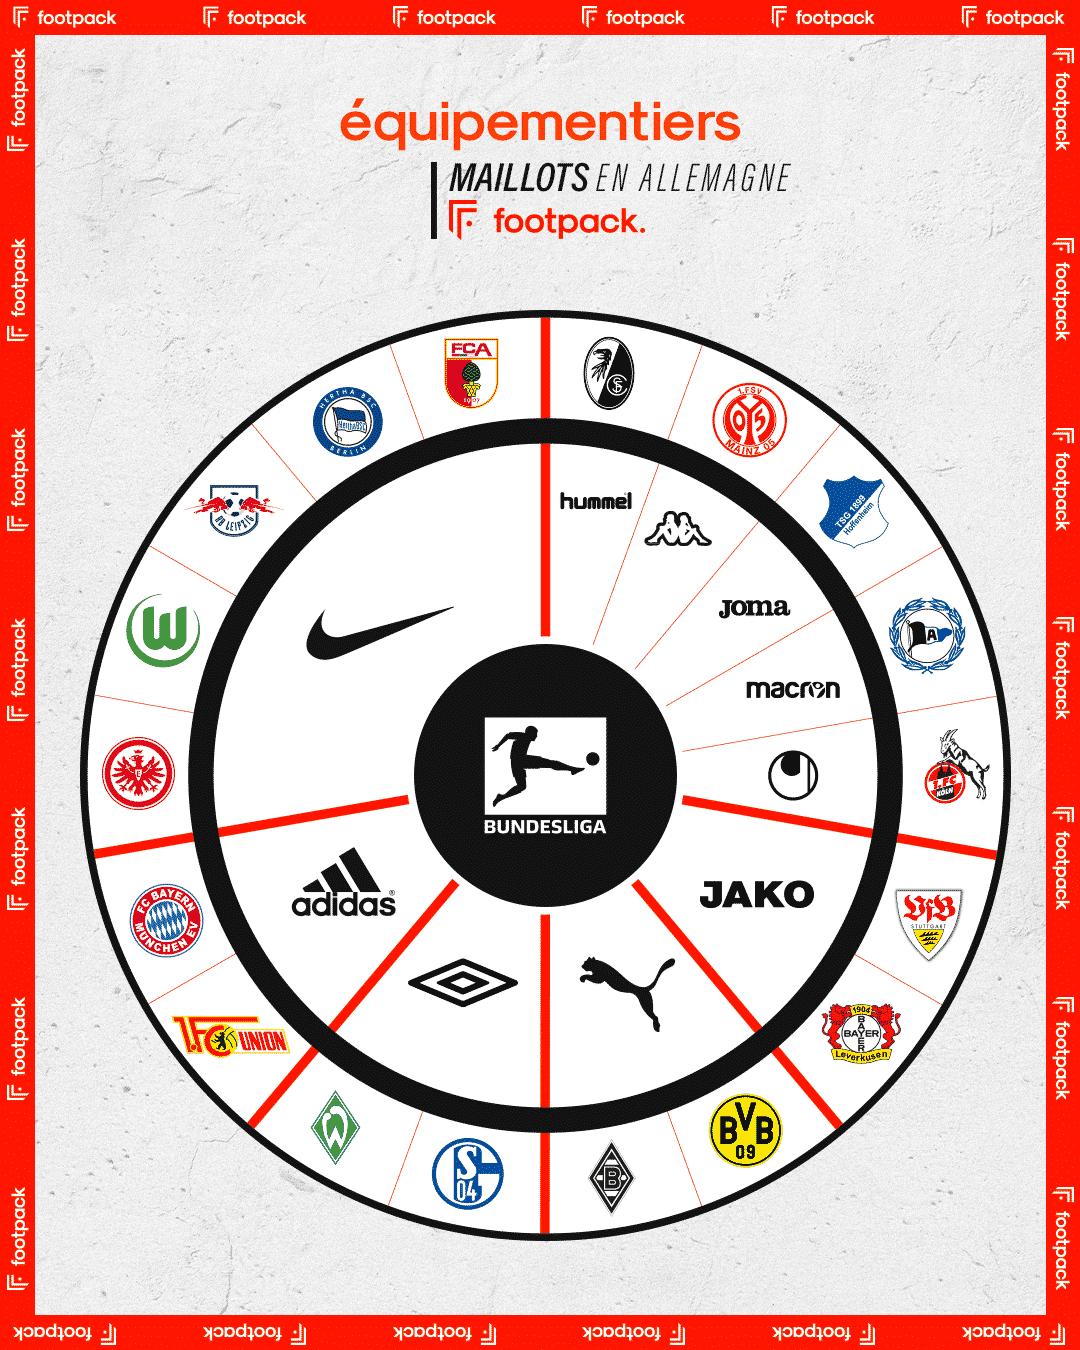 equipementier-bundesliga-2020-2021-footpack